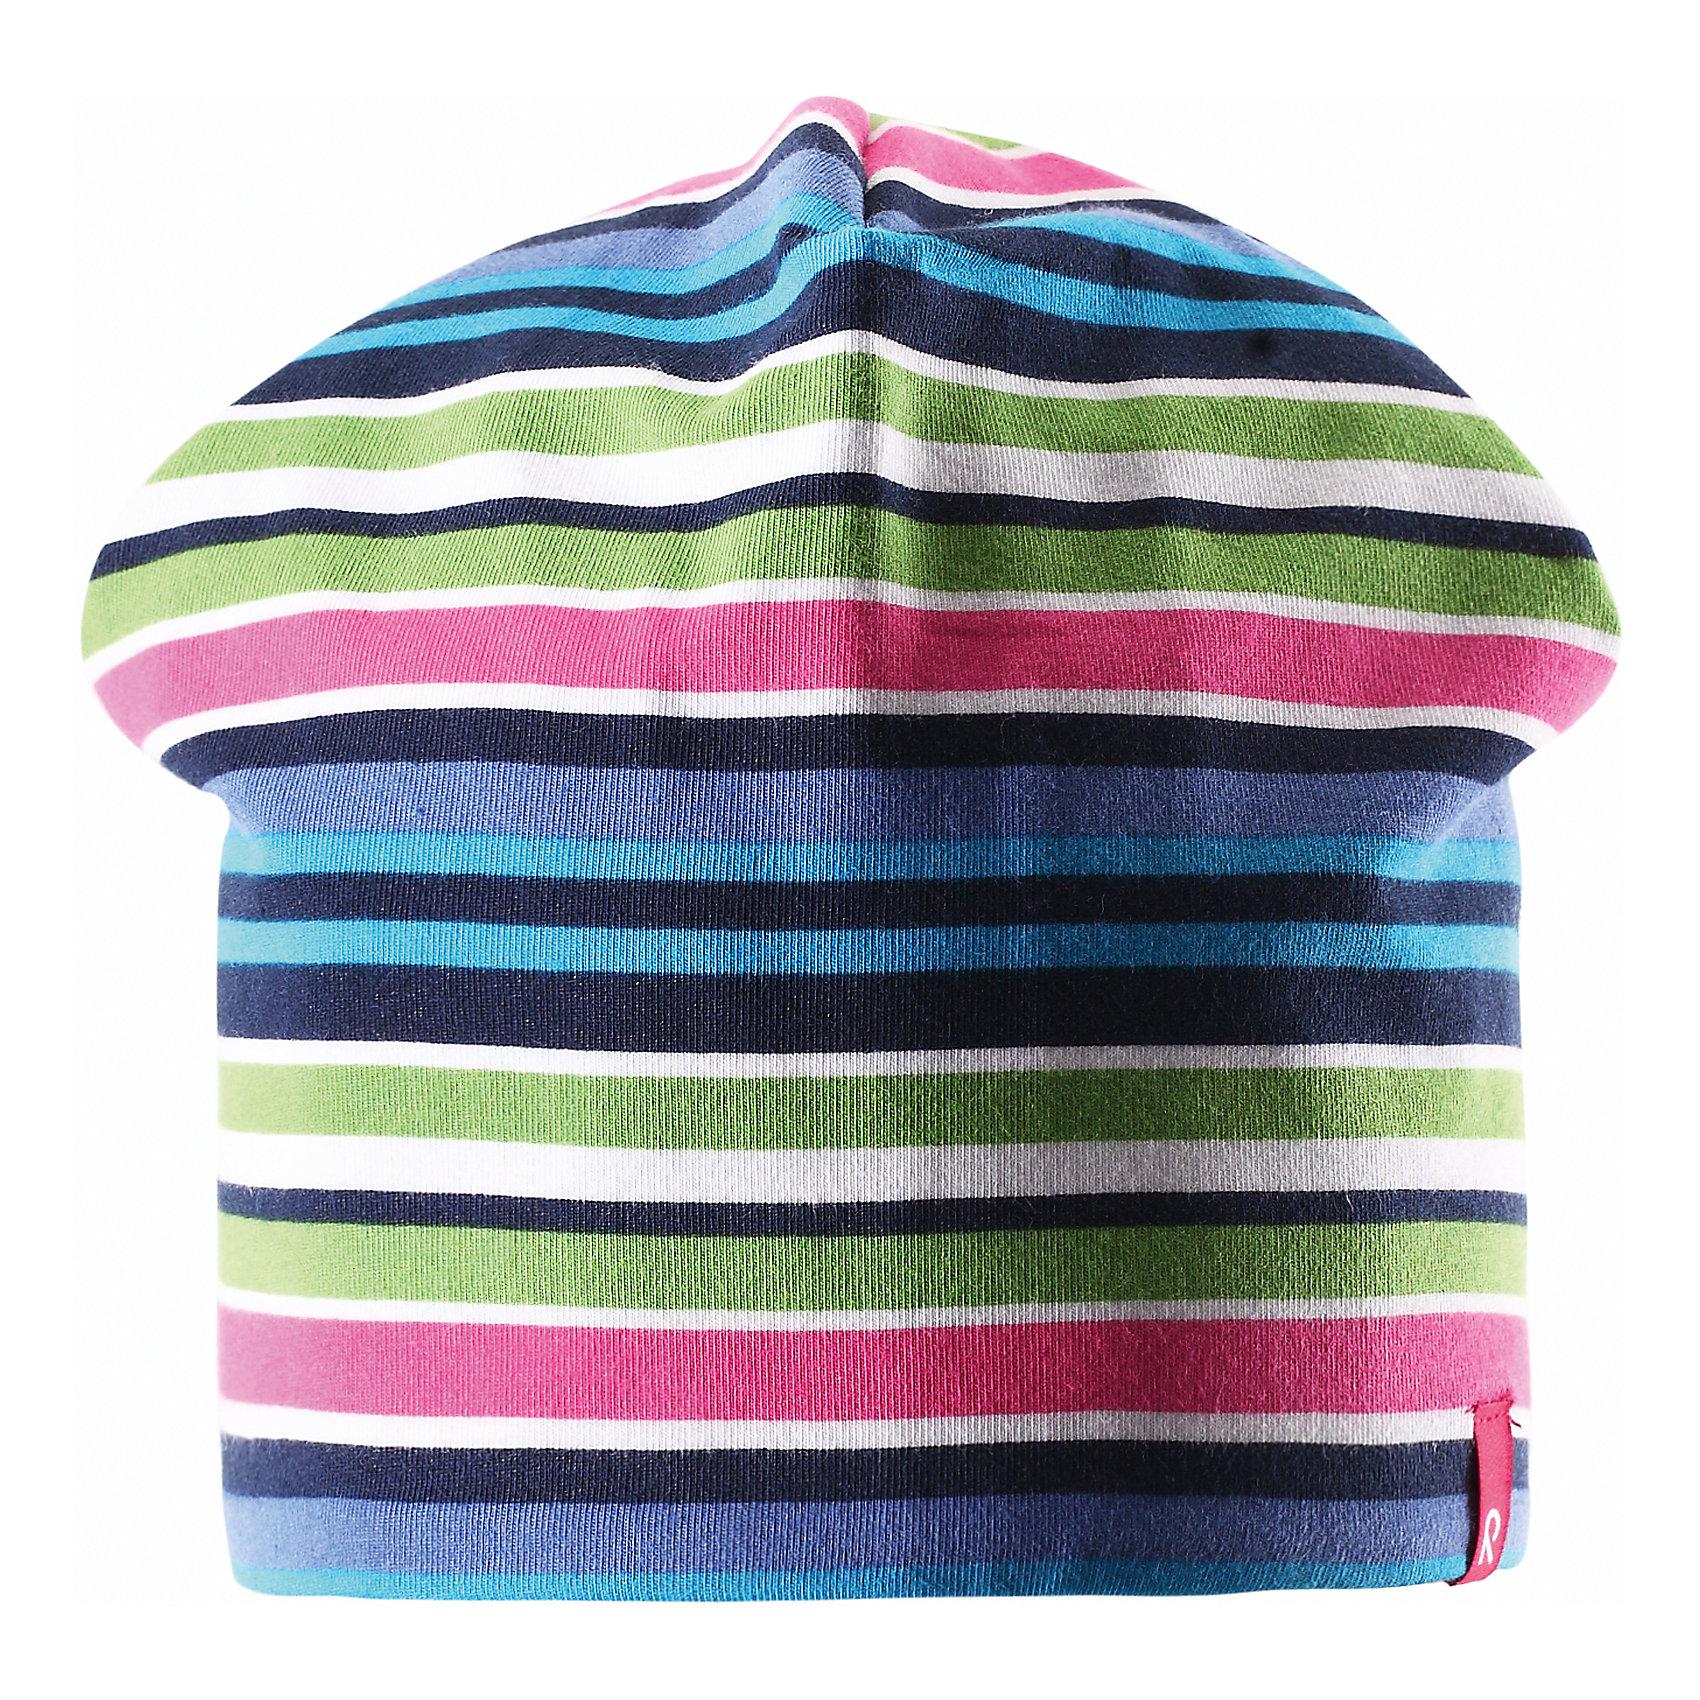 Шапка для девочки ReimaШапки и шарфы<br>Эта яркая шапочка свежей расцветки для малышей и детей постарше идеально подойдет для веселых весенних приключений! Она изготовлена из простого в уходе и быстросохнущего материла Play Jersey®, эффективно выводящего влагу с кожи во время подвижных игр на свежем воздухе. Обратите внимание, что она имеет УФ-защиту 40+. Стиля много не бывает! Озорная двухсторонняя шапочка в одно мгновение превращается из полосатой в однотонную! <br><br>Дополнительная информация:<br><br>Двухсторонняя шапка «Бини» для детей и малышей<br>Быстросохнущий материал Play Jersey, приятный на ощупь<br>Фактор защиты от ультрафиолета 40+<br>Двухсторонняя модель<br>Сплошная подкладка: отводящий влагу материал Play Jersey<br>Логотип Reima® спереди<br>Узор из цветных полос<br>Состав:<br>65% ХЛ 30% ПЭ 5% ЭЛ<br>Уход:<br>Стирать с бельем одинакового цвета, вывернув наизнанку. Полоскать без специального средства. Придать первоначальную форму вo влажном виде.<br><br>Ширина мм: 89<br>Глубина мм: 117<br>Высота мм: 44<br>Вес г: 155<br>Цвет: синий<br>Возраст от месяцев: 9<br>Возраст до месяцев: 12<br>Пол: Женский<br>Возраст: Детский<br>Размер: 46,50,56,54,52,48<br>SKU: 4498279